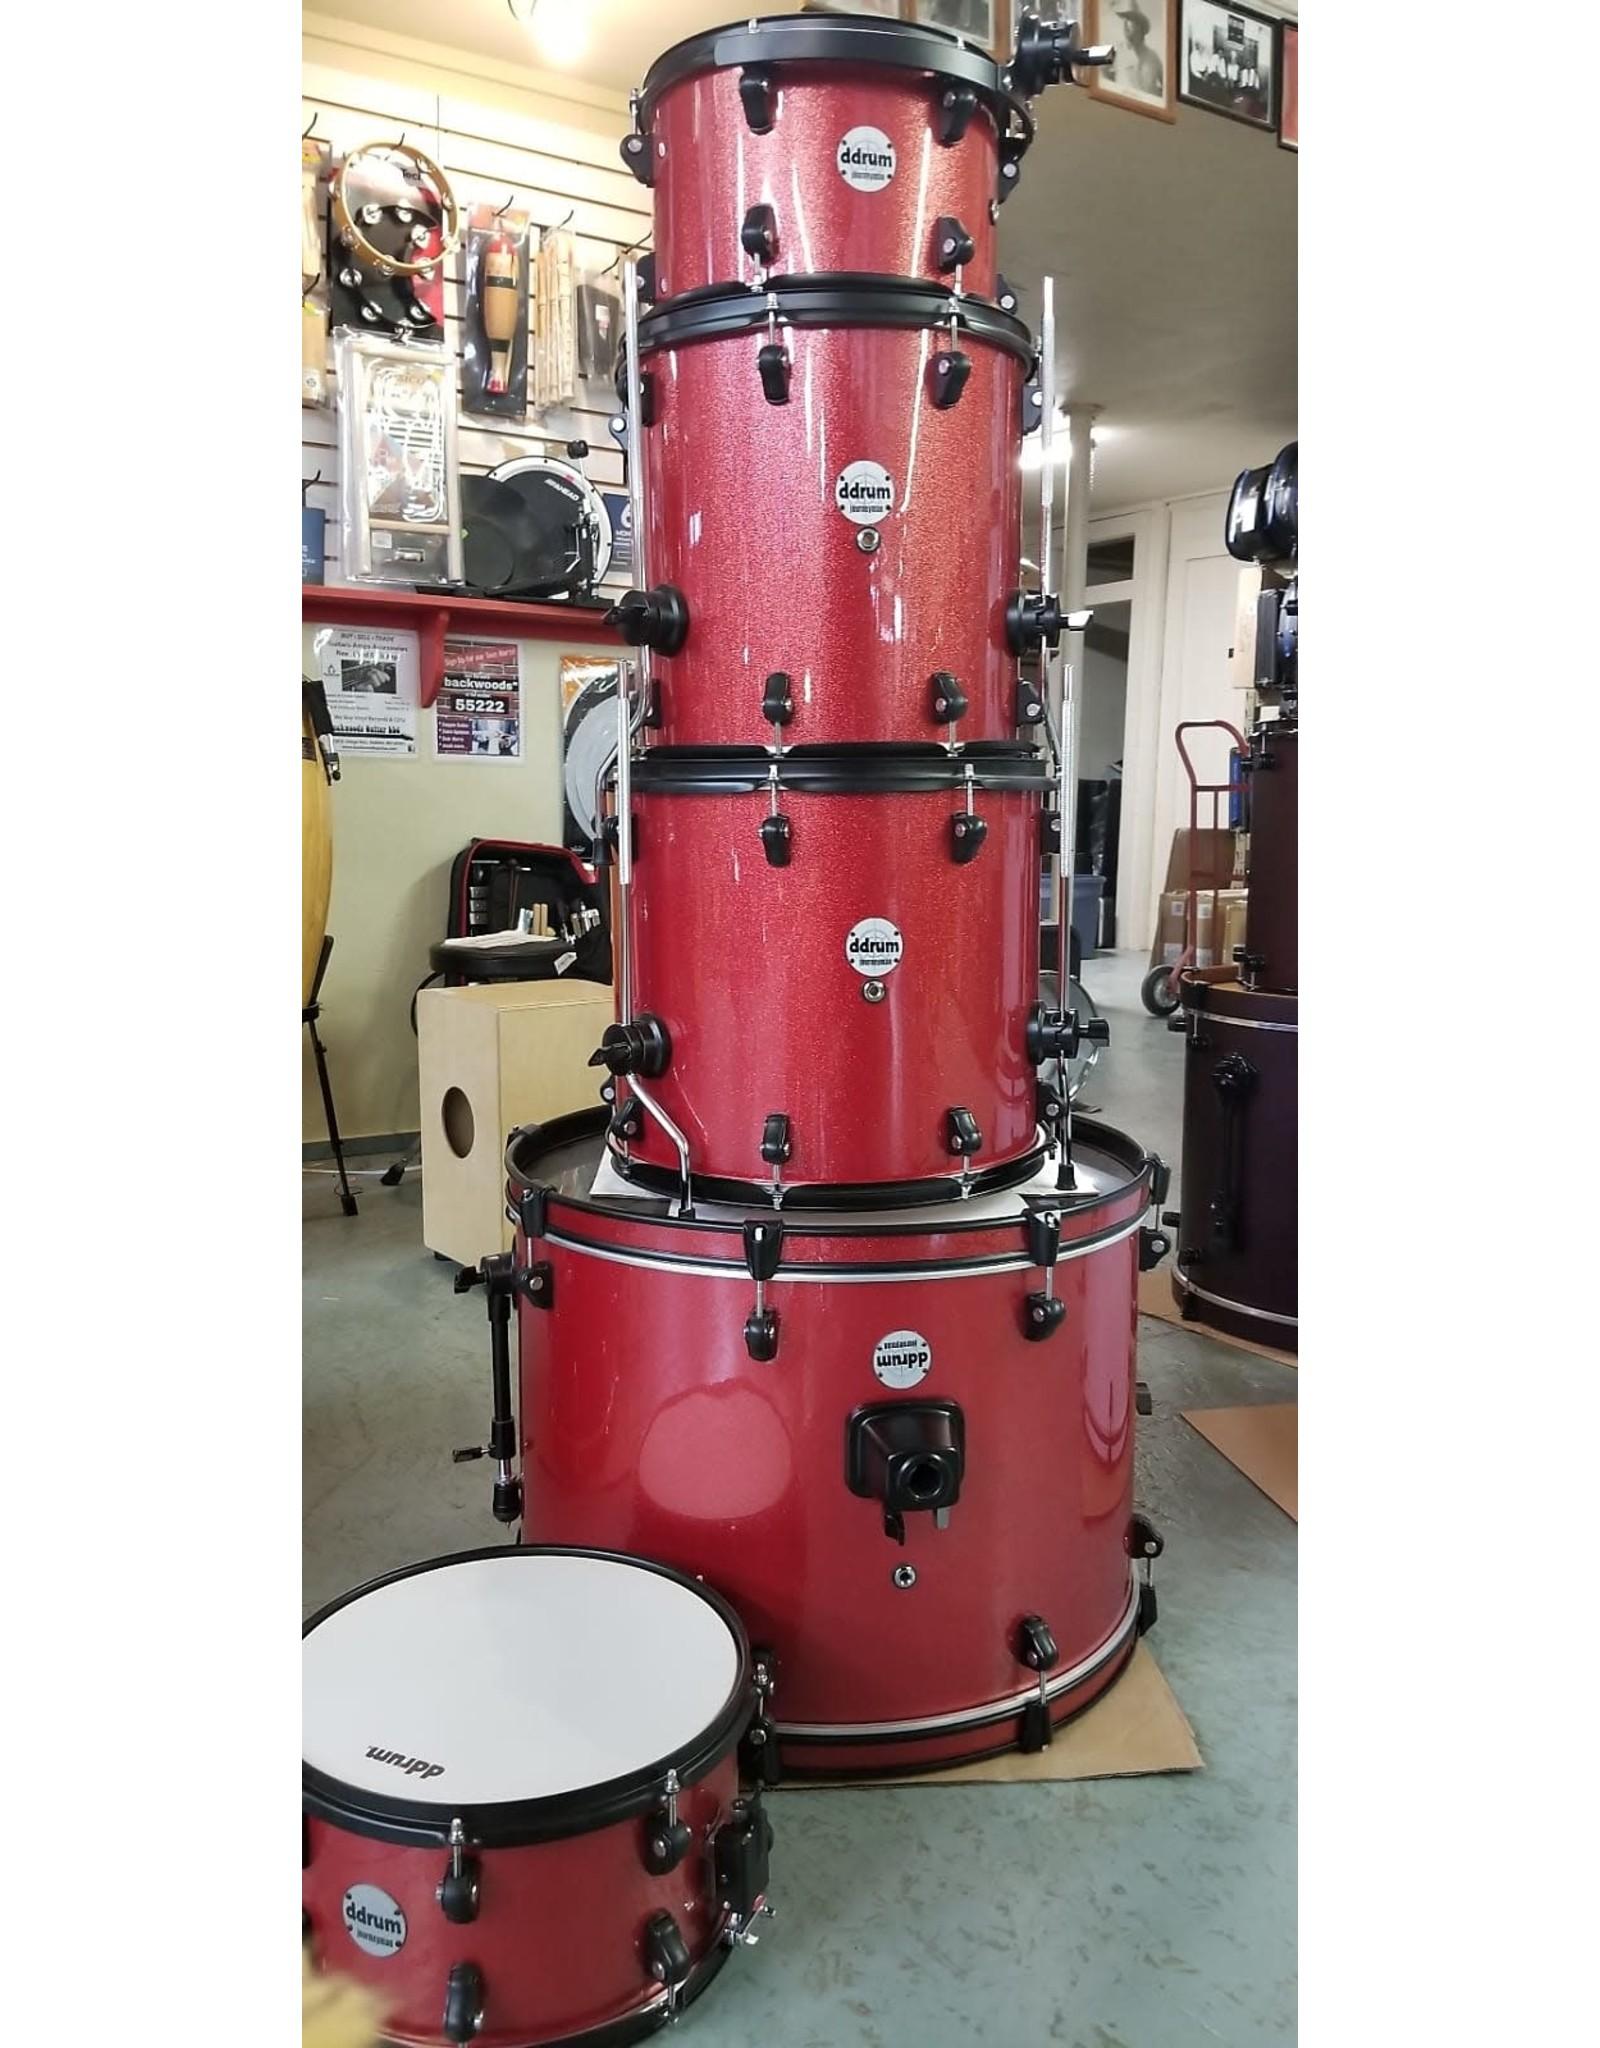 ddrum Ddrum Journeyman Complete Drum Set w/Hardware - Red Sparkle